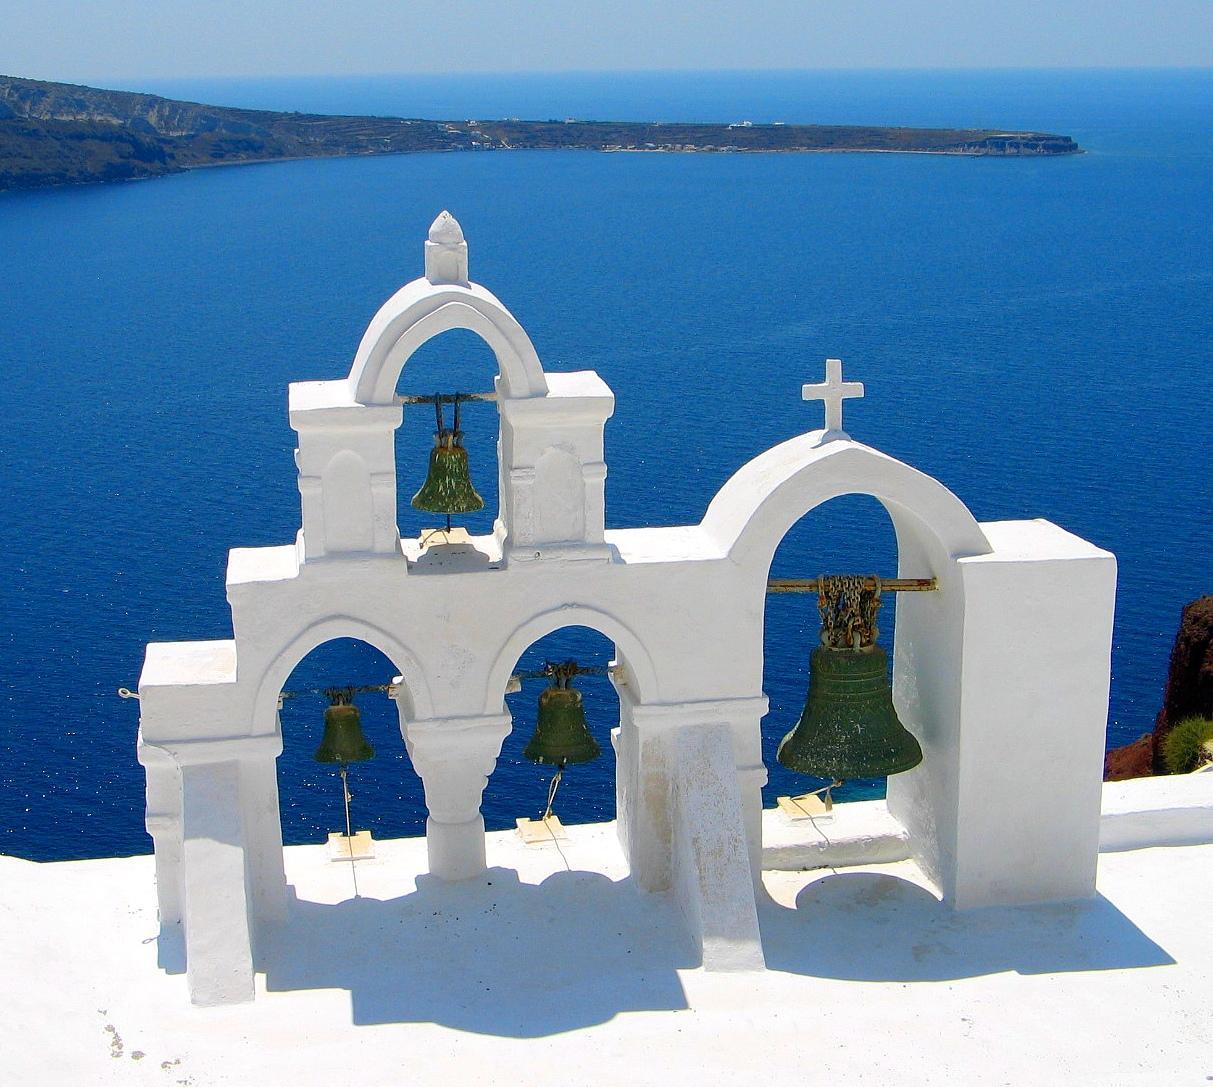 サントリーニ島(ギリシャ) 壁紙 - Santorini, Greece WALLPAPER